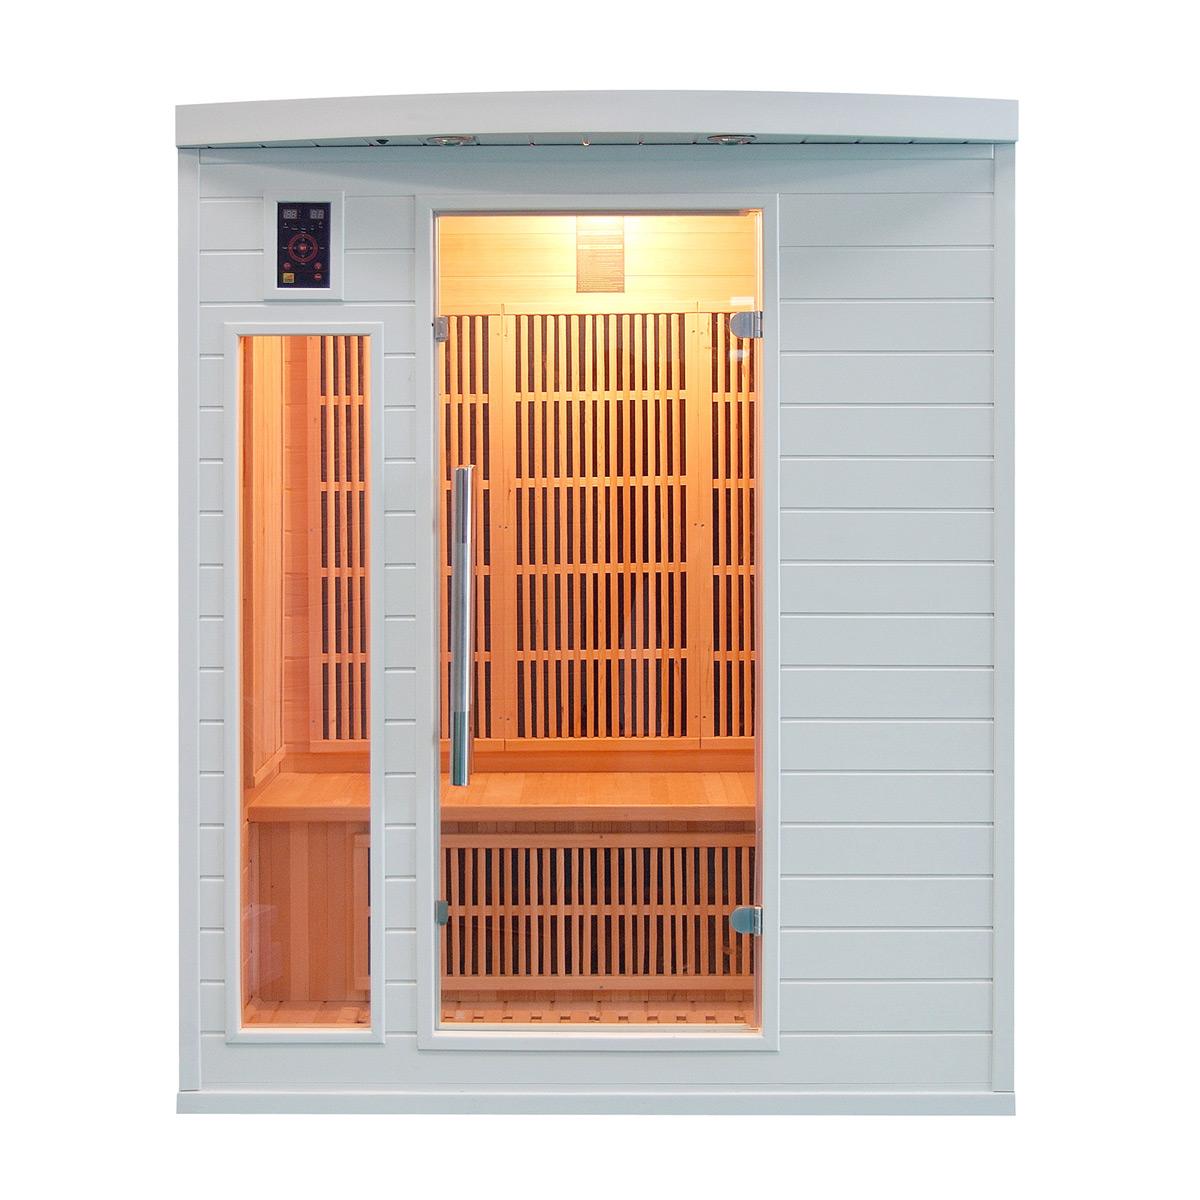 Piscinex sauna soleil blanc sauna infrarouge soleil blanc 3 places - Sauna infrarouge 3 places ...